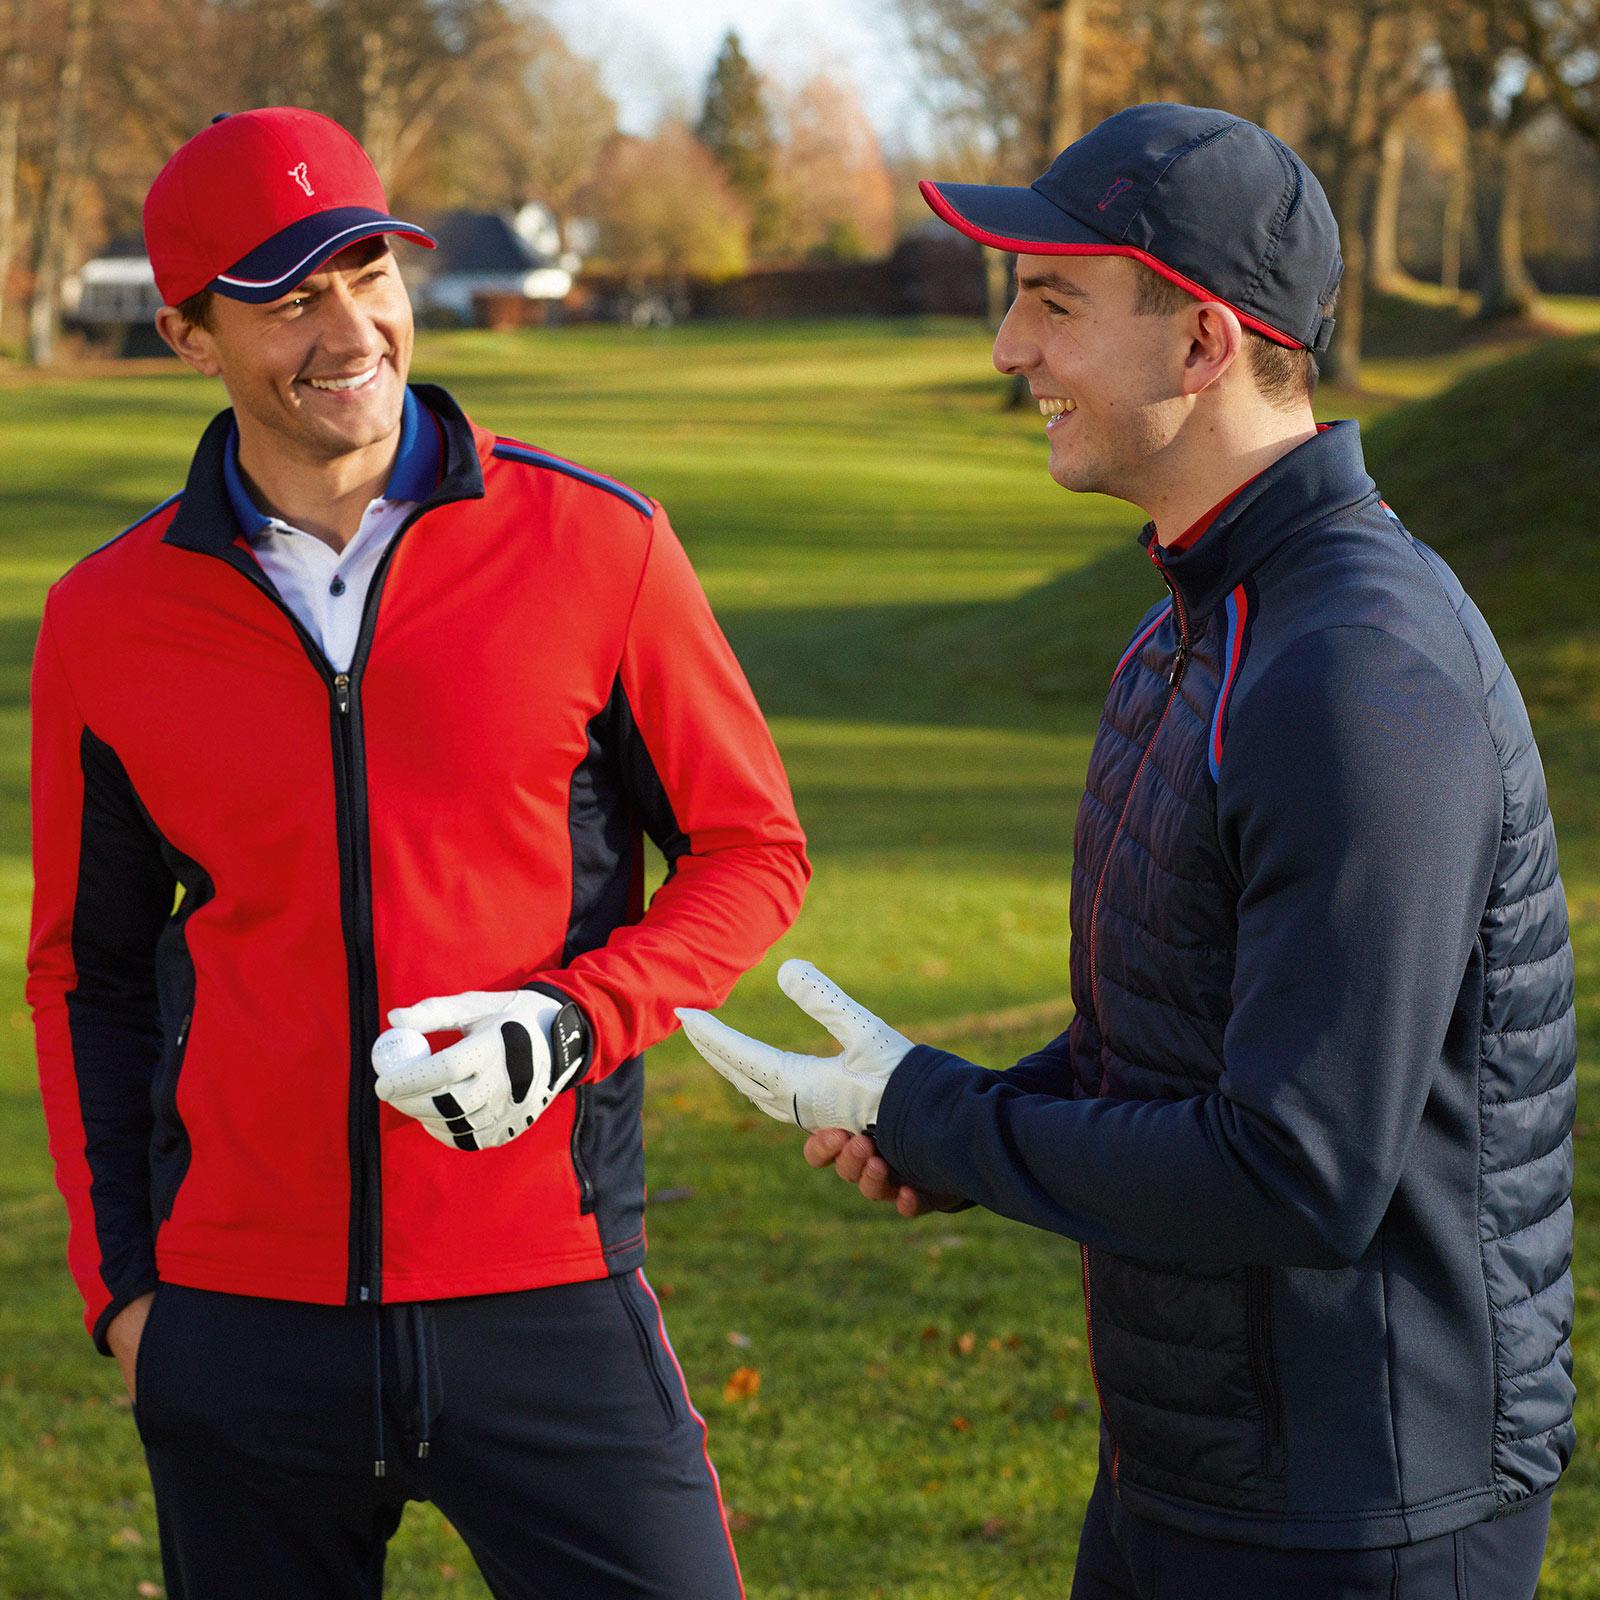 Herren Baumwoll Golfcap Onesize mit Klettband und Ventilationsöffnungen